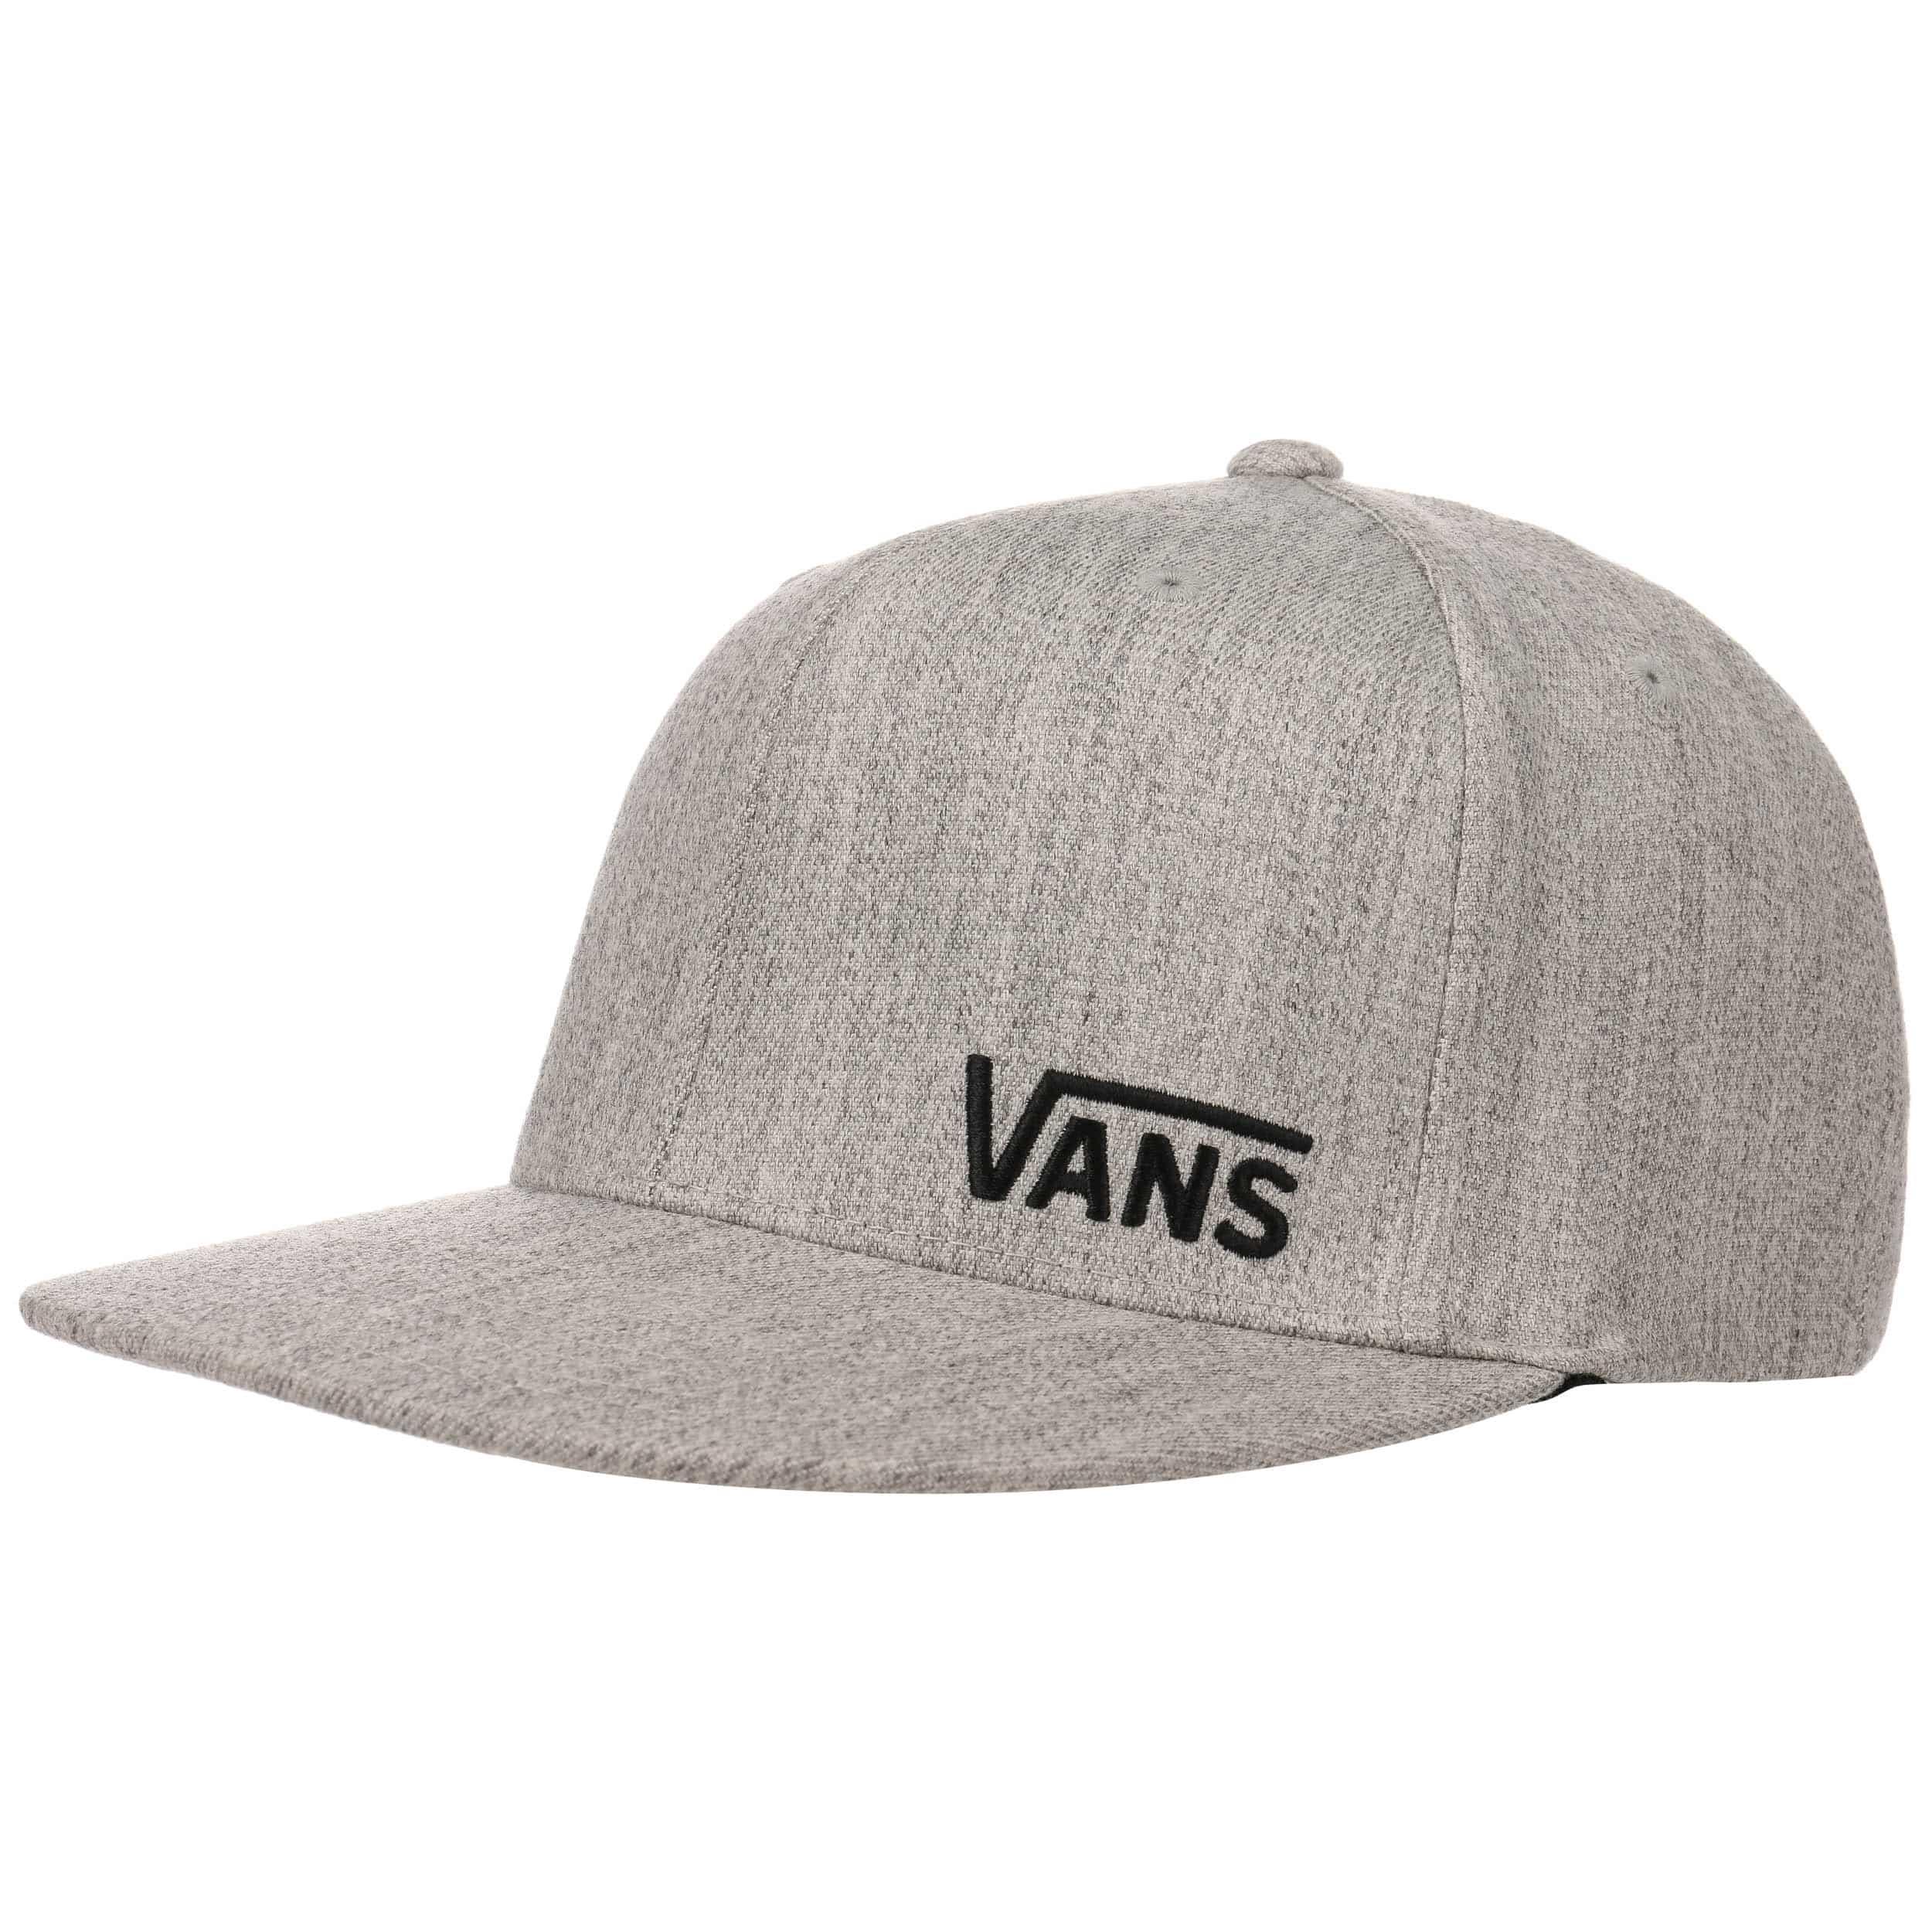 098b1b5f985d6 Gorra Splitz Flexfit by Vans - Gorras - sombreroshop.es